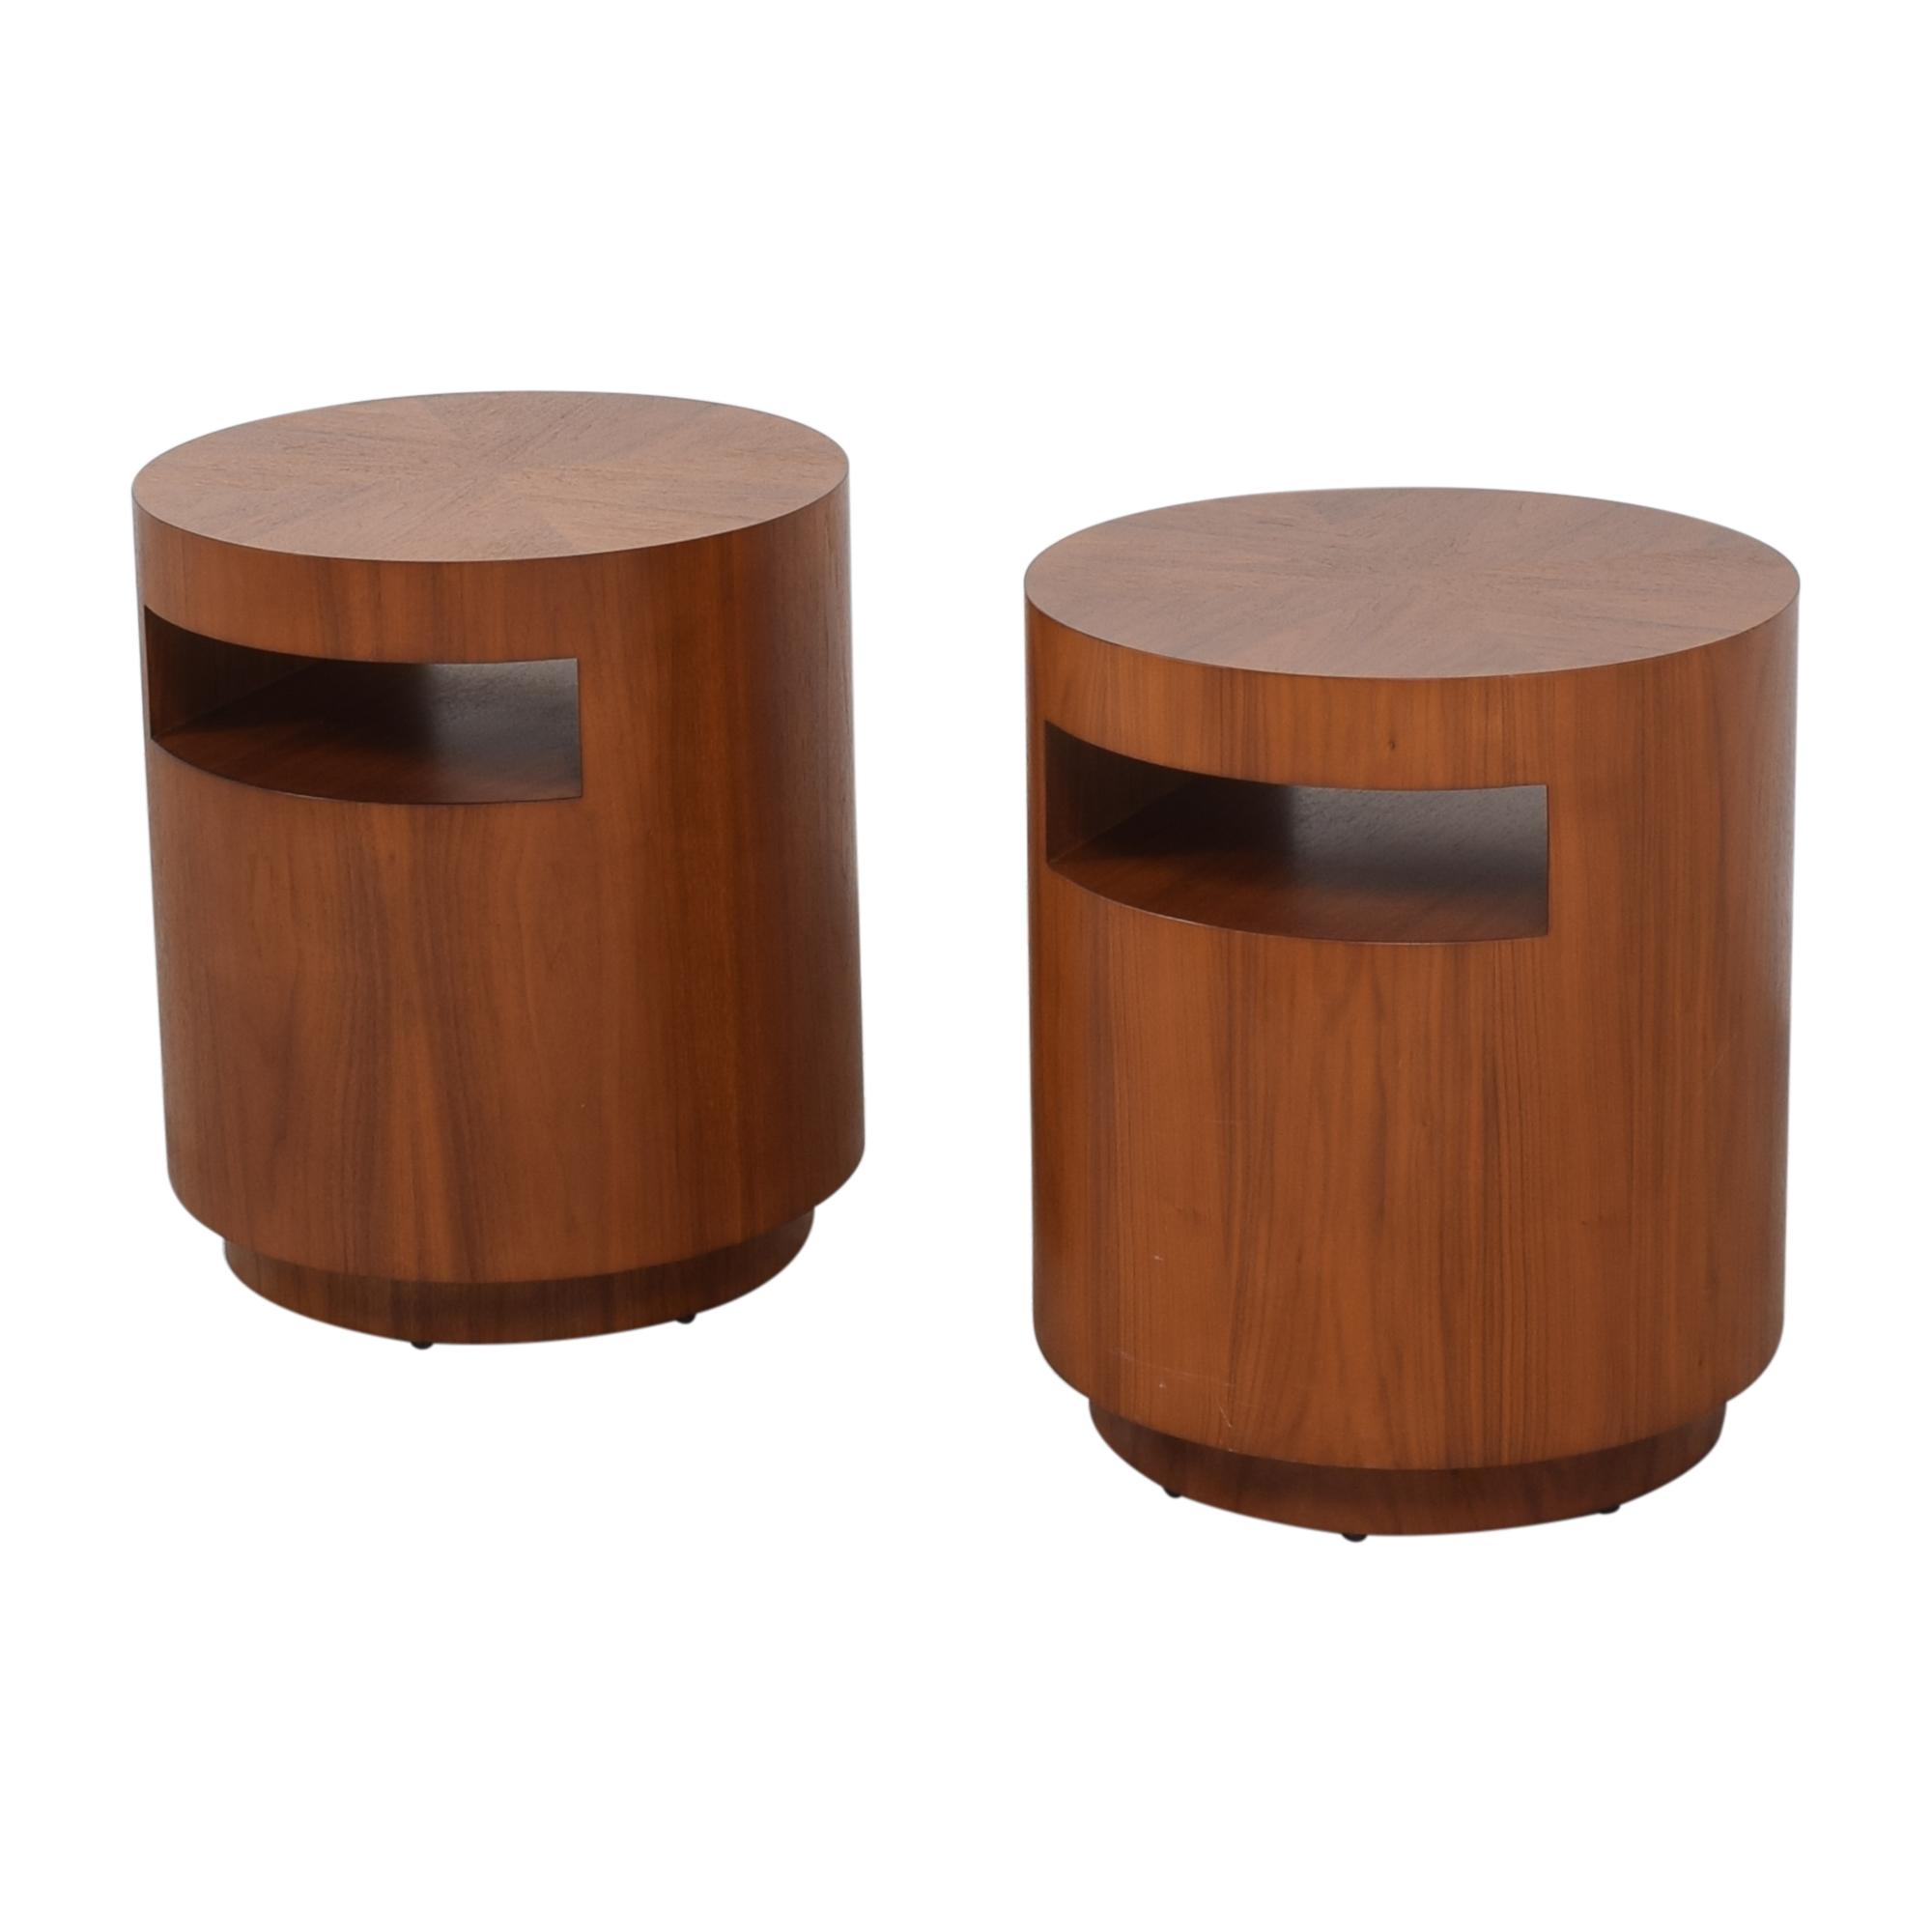 Crate & Barrel Crate & Barrel Tambe End Tables ma